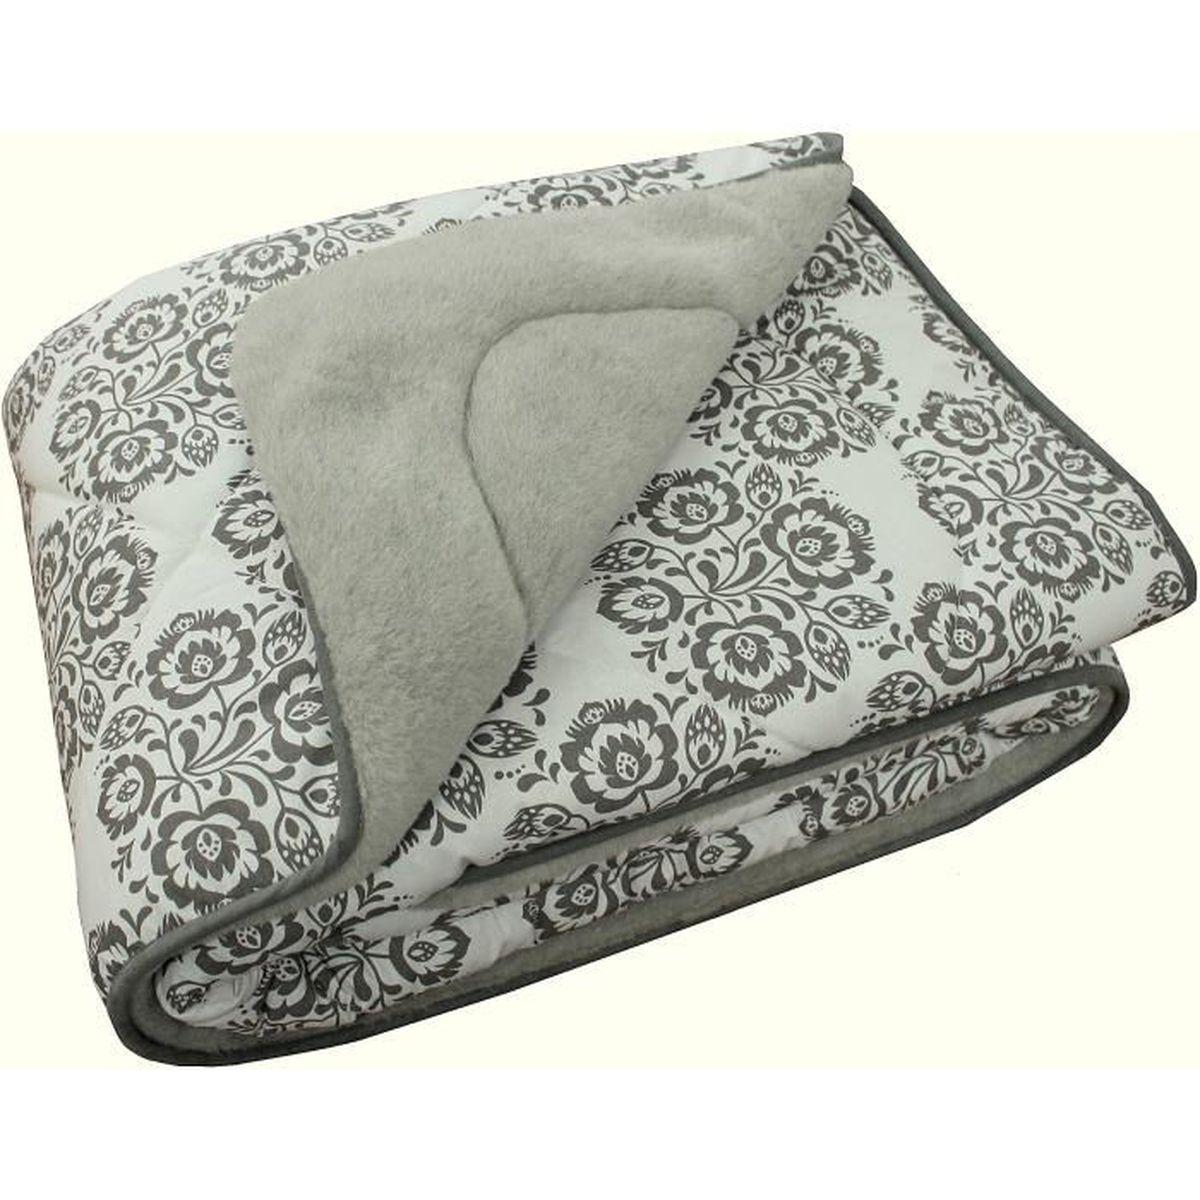 cachemire couette merino laine coton 4 saisons 750g m2 courtepointe couverture cashmere woolmark. Black Bedroom Furniture Sets. Home Design Ideas